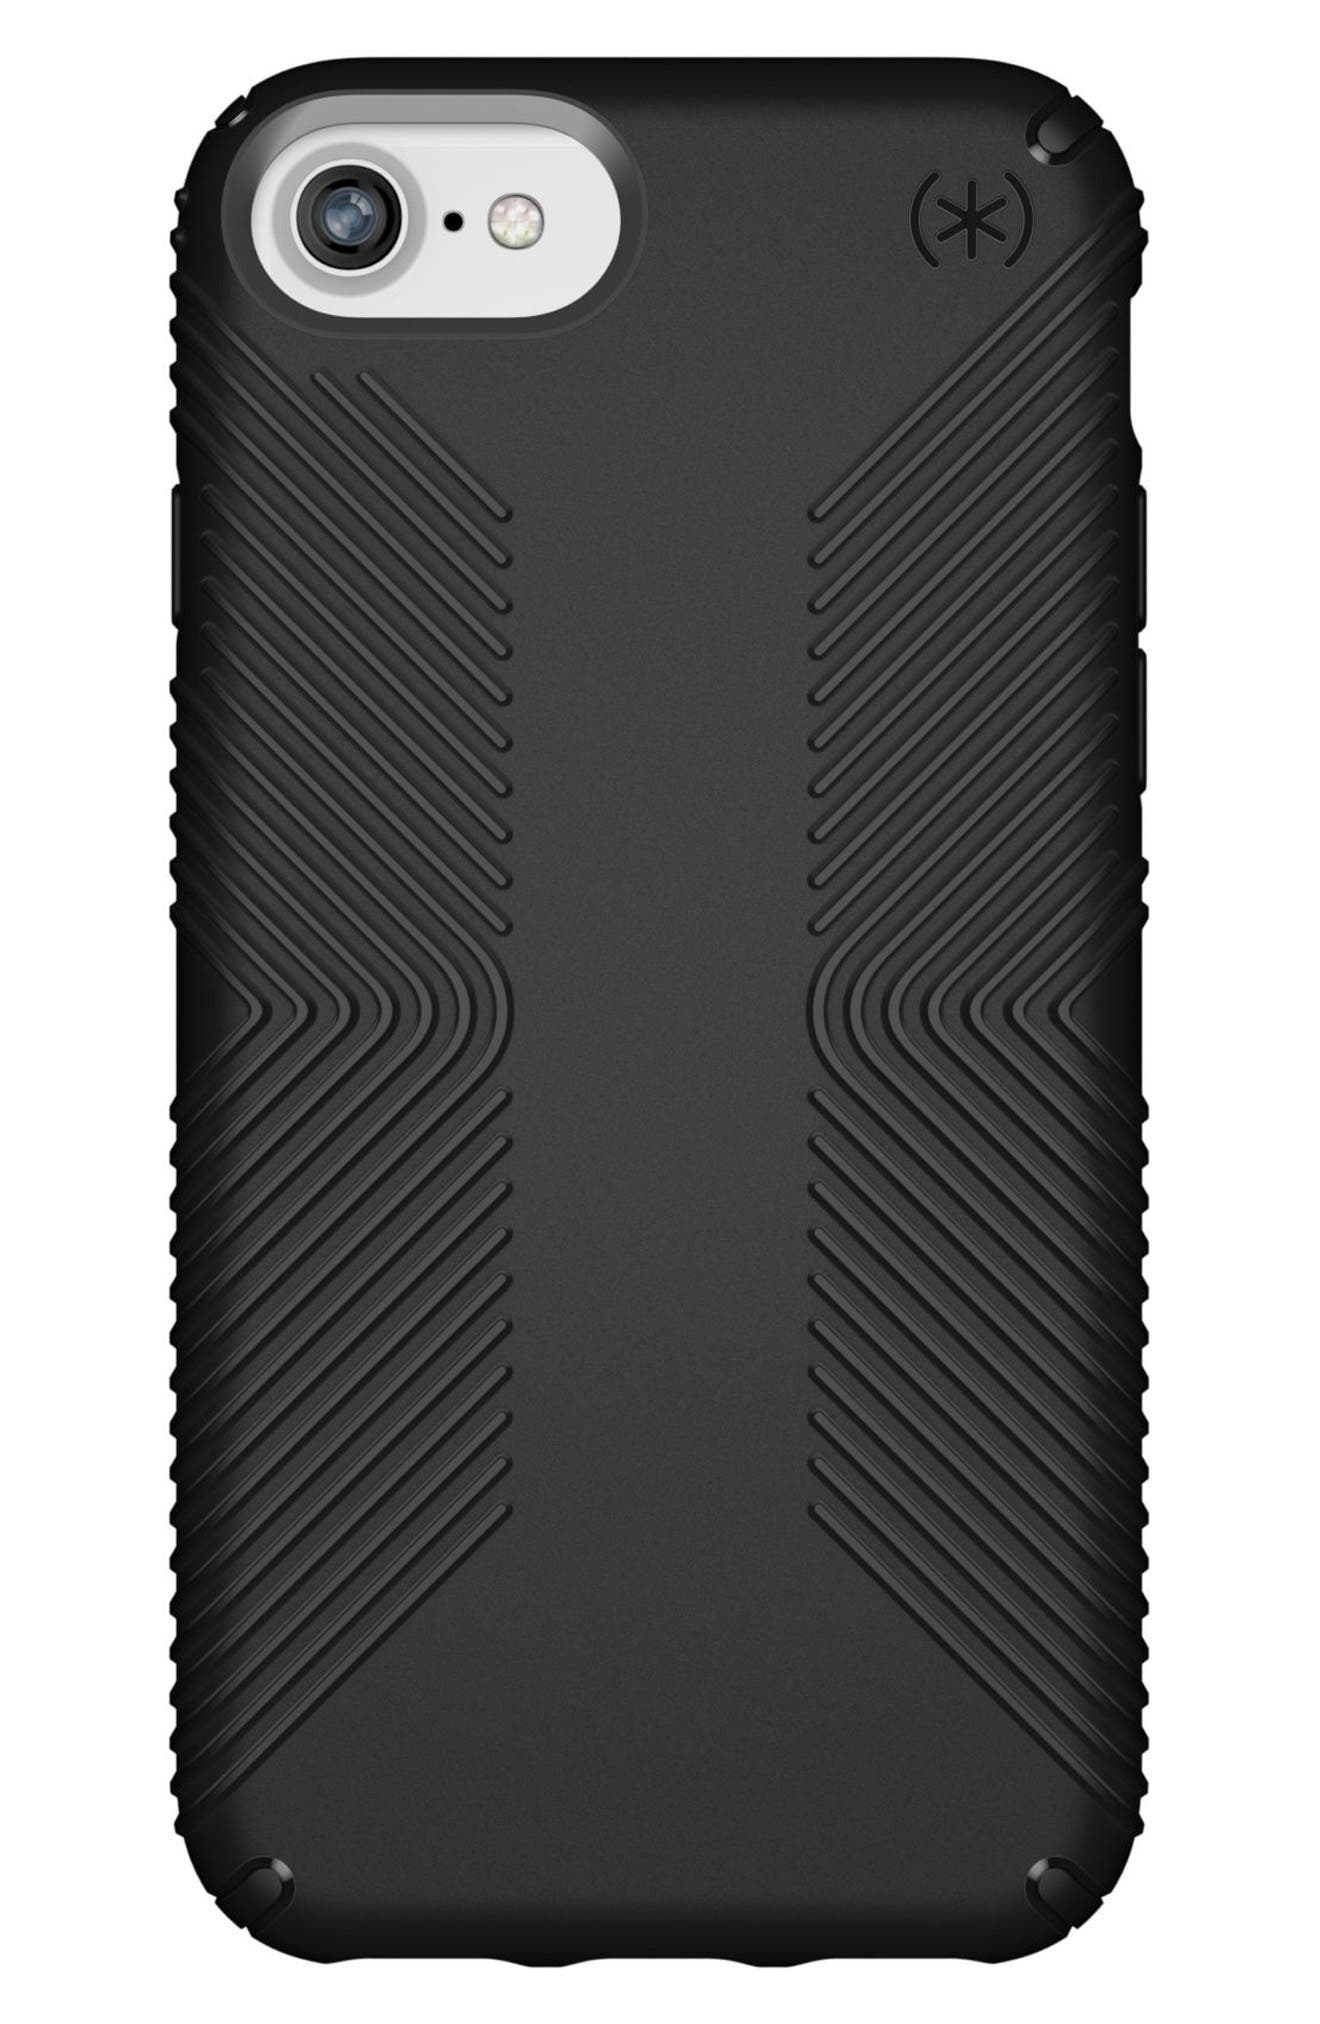 SPECK, Grip iPhone 6/6s/7/8 Case, Main thumbnail 1, color, 001